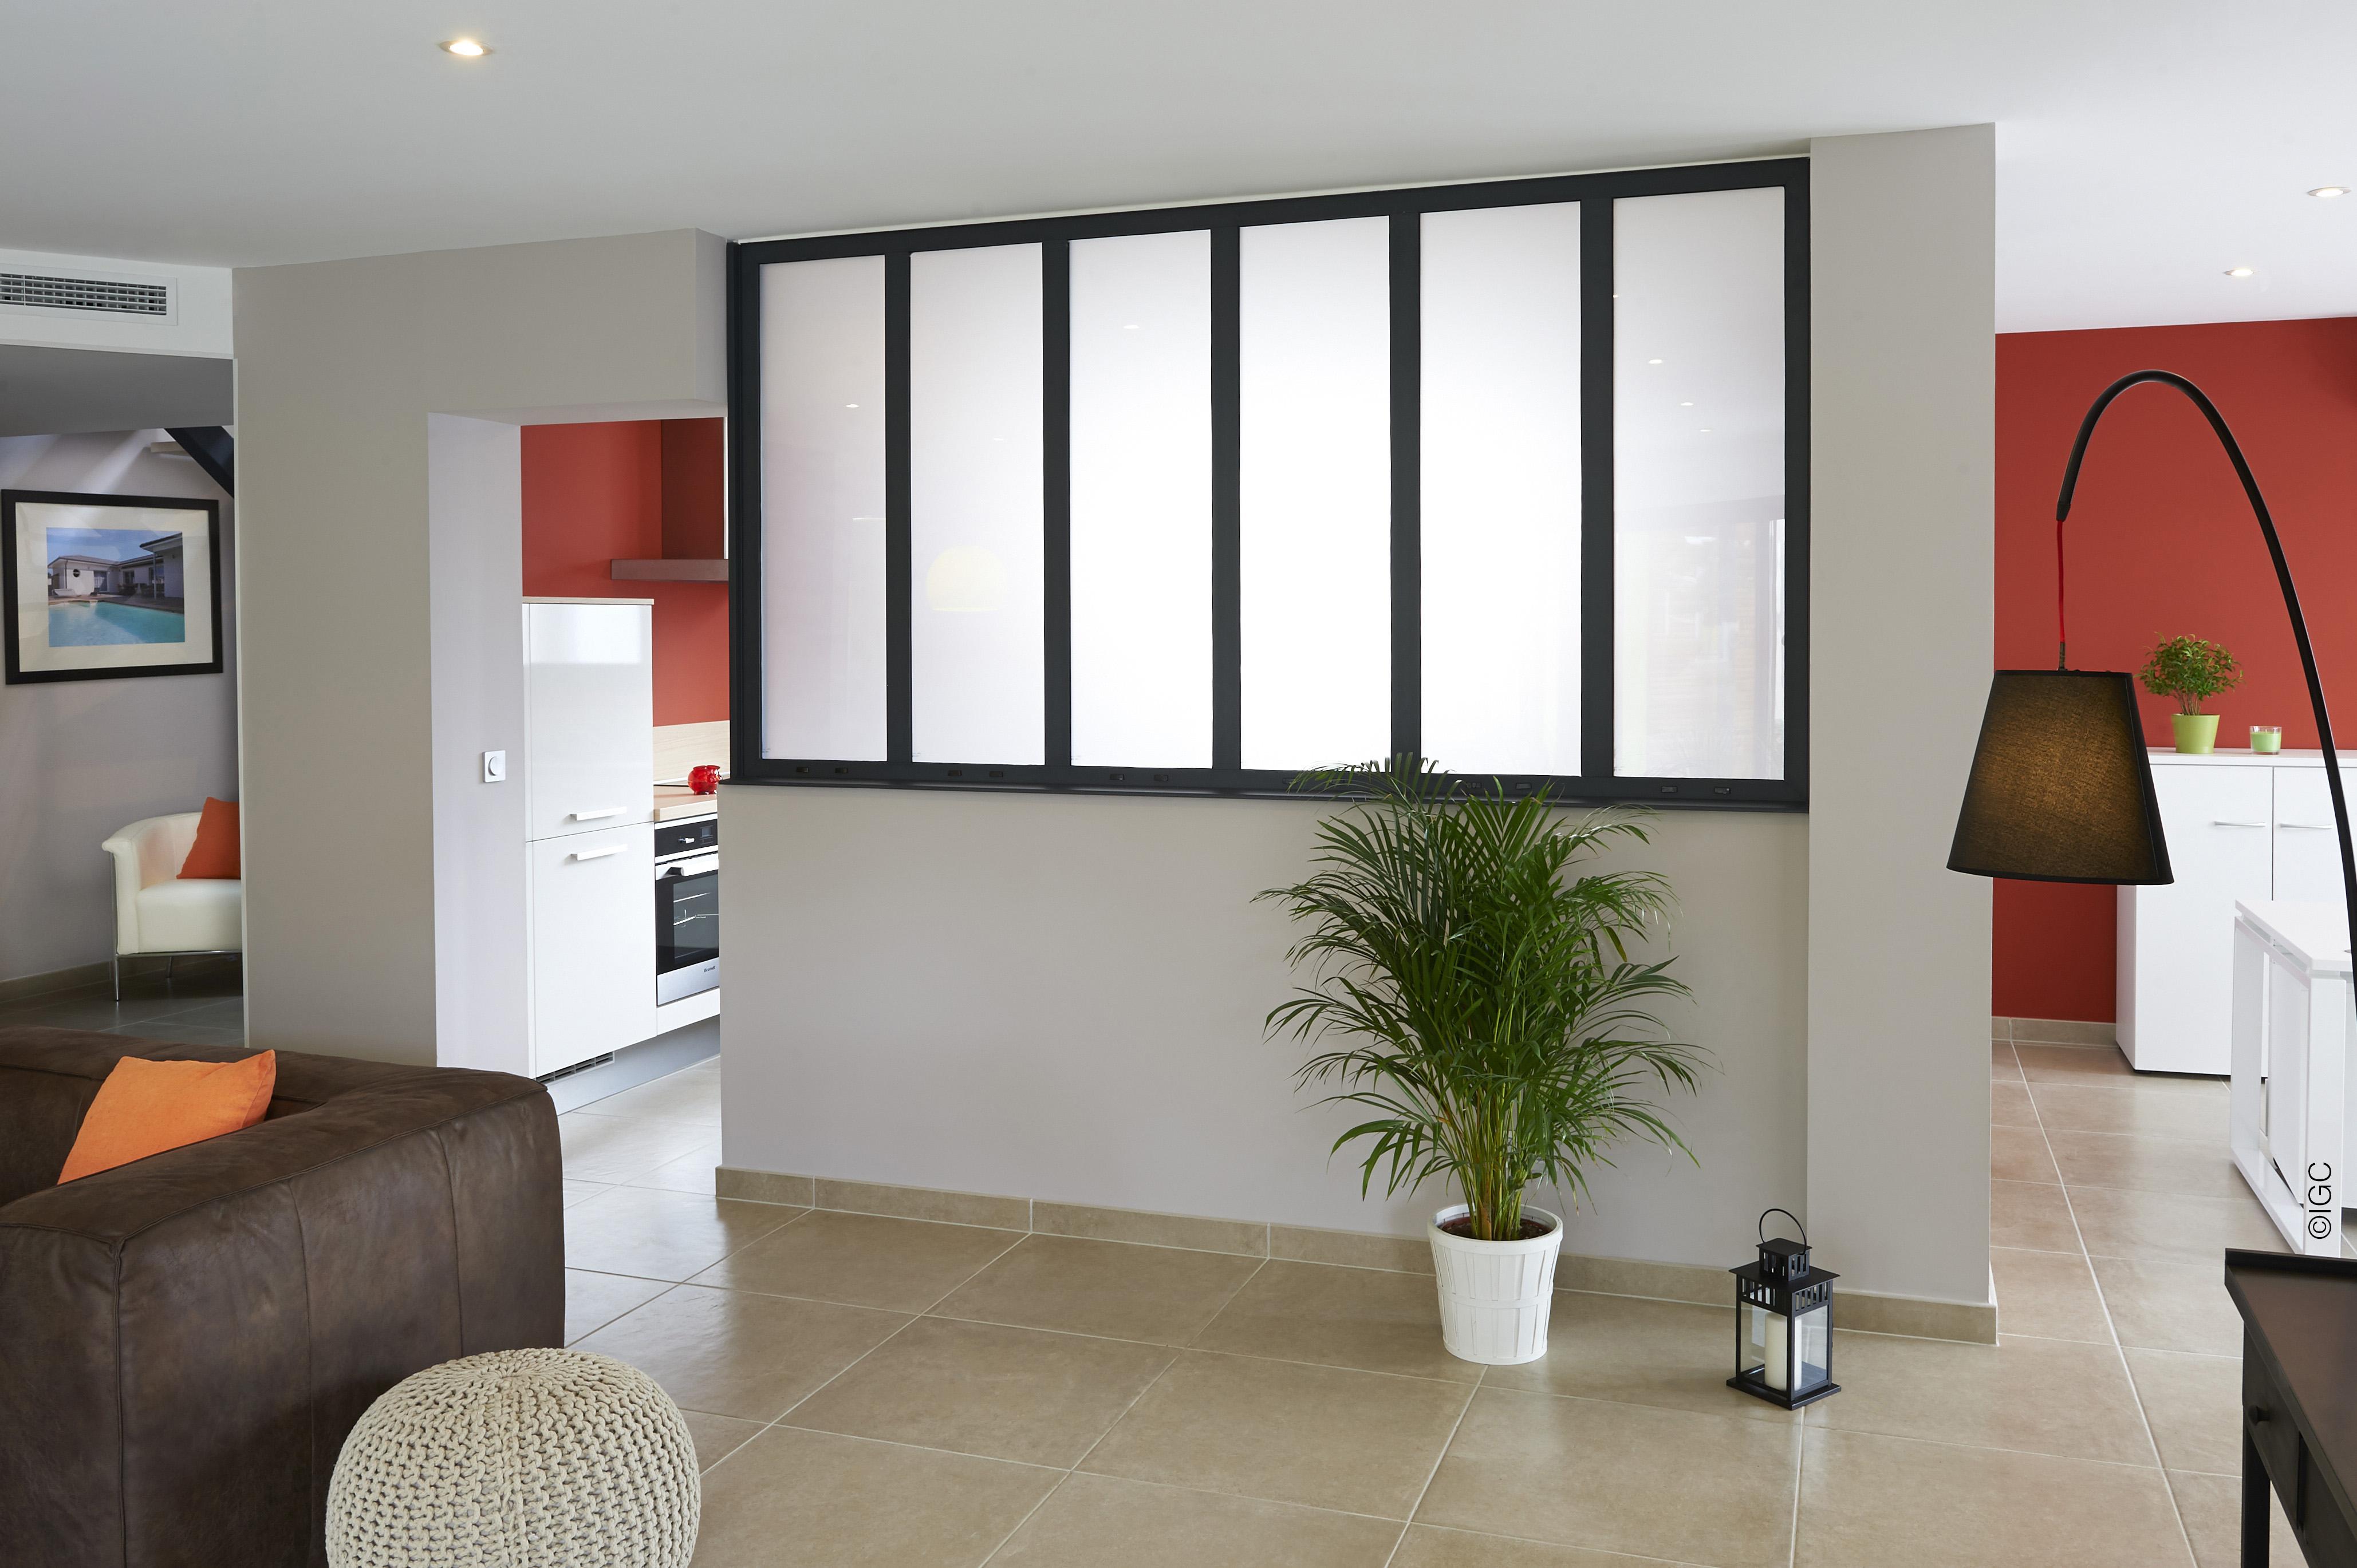 Igc construction constructeur maisons individuelles la for Modele de maison contemporaine a construire